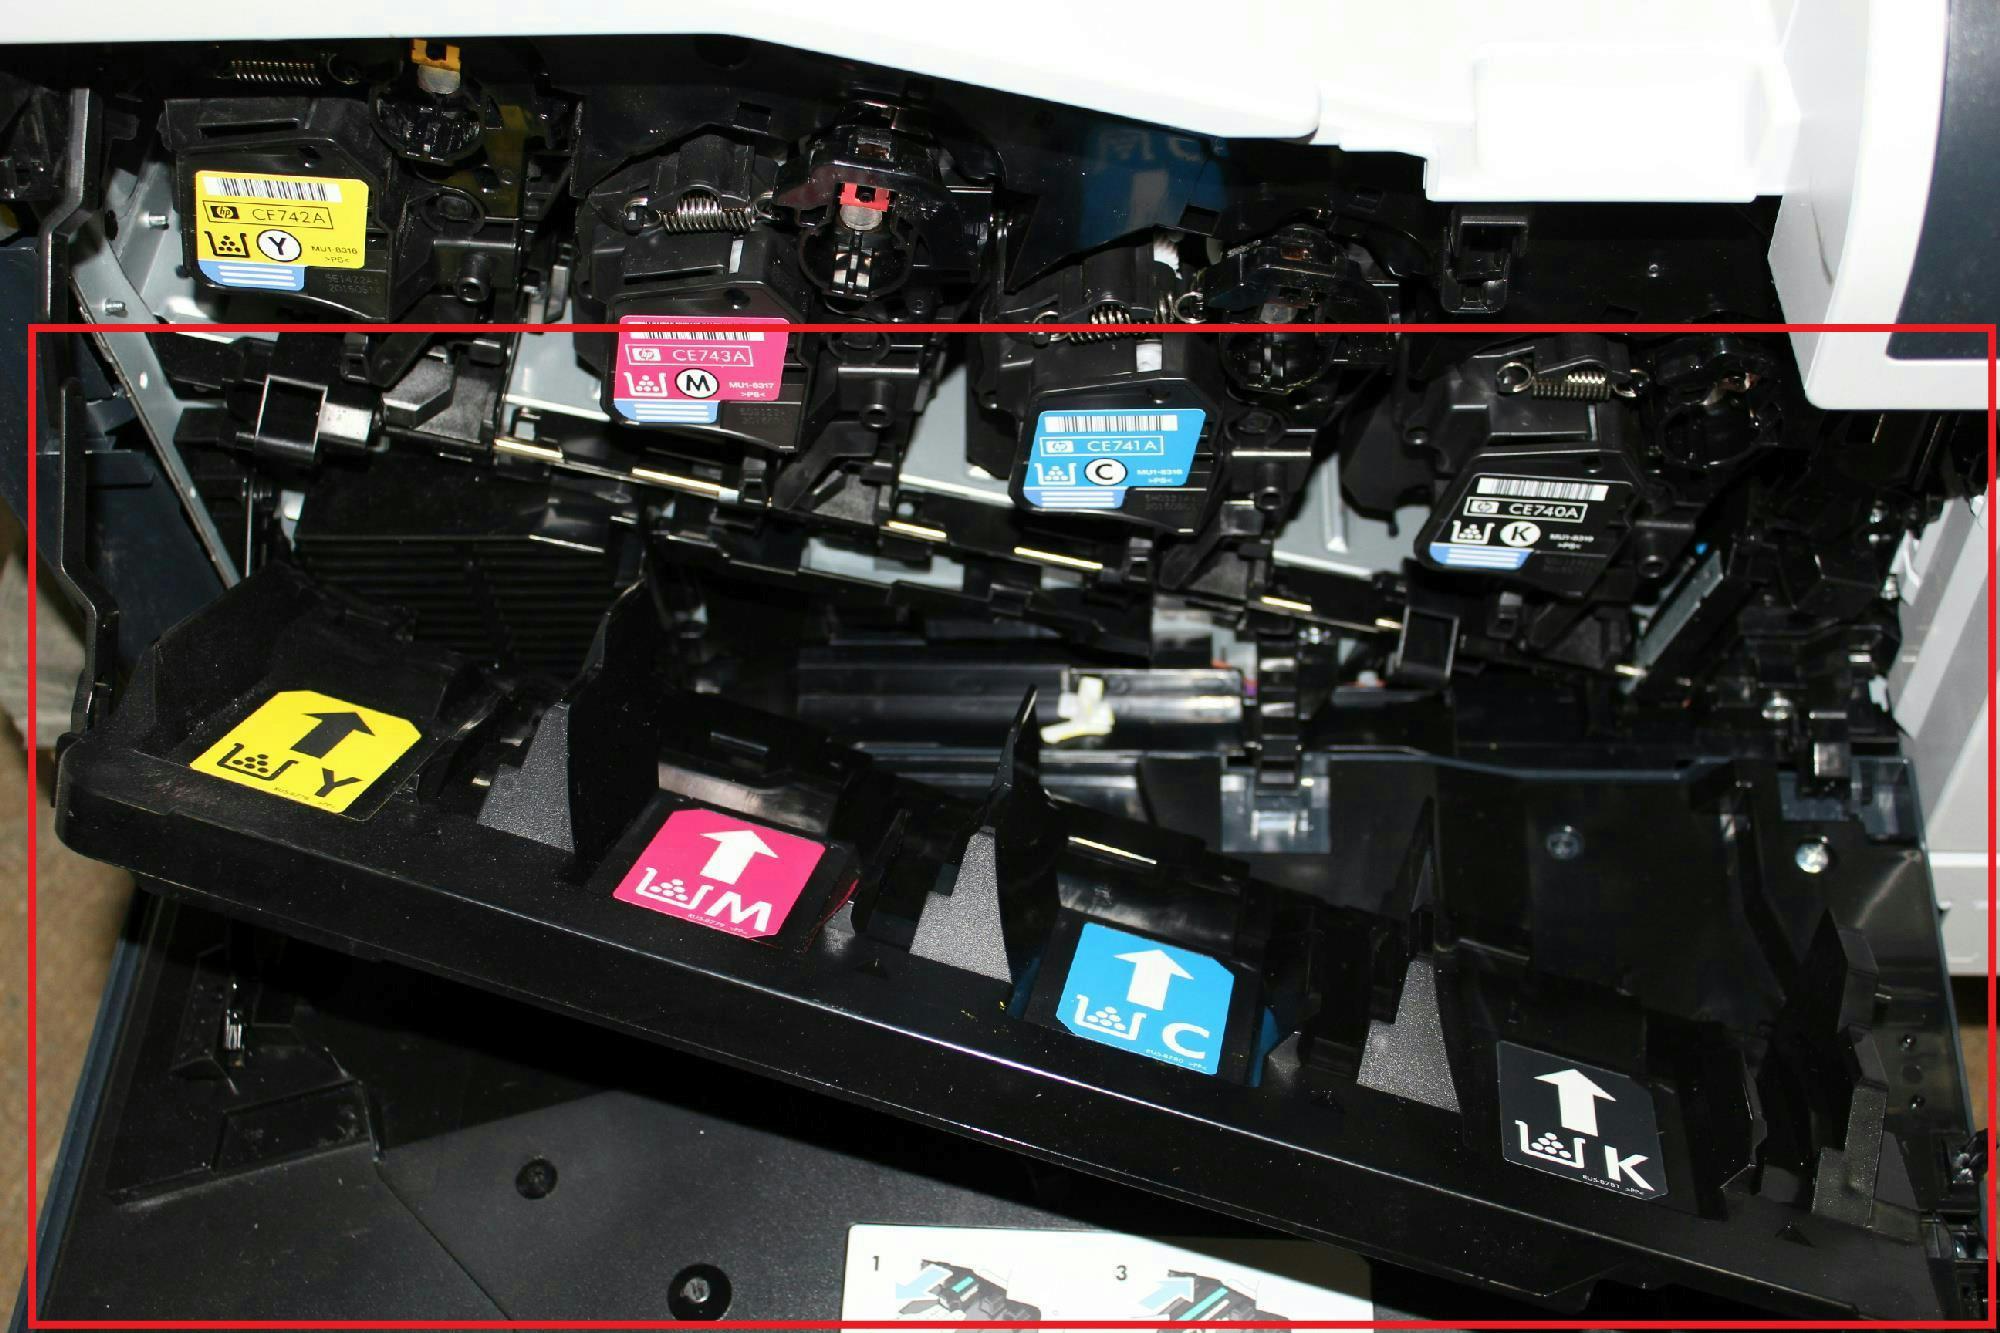 Hp color laserjet professional cp5225n printer a3 ce711a office - Hp Color Laserjet Cp5225 Printer Ce712a Bgj 120v For Parts 800143489